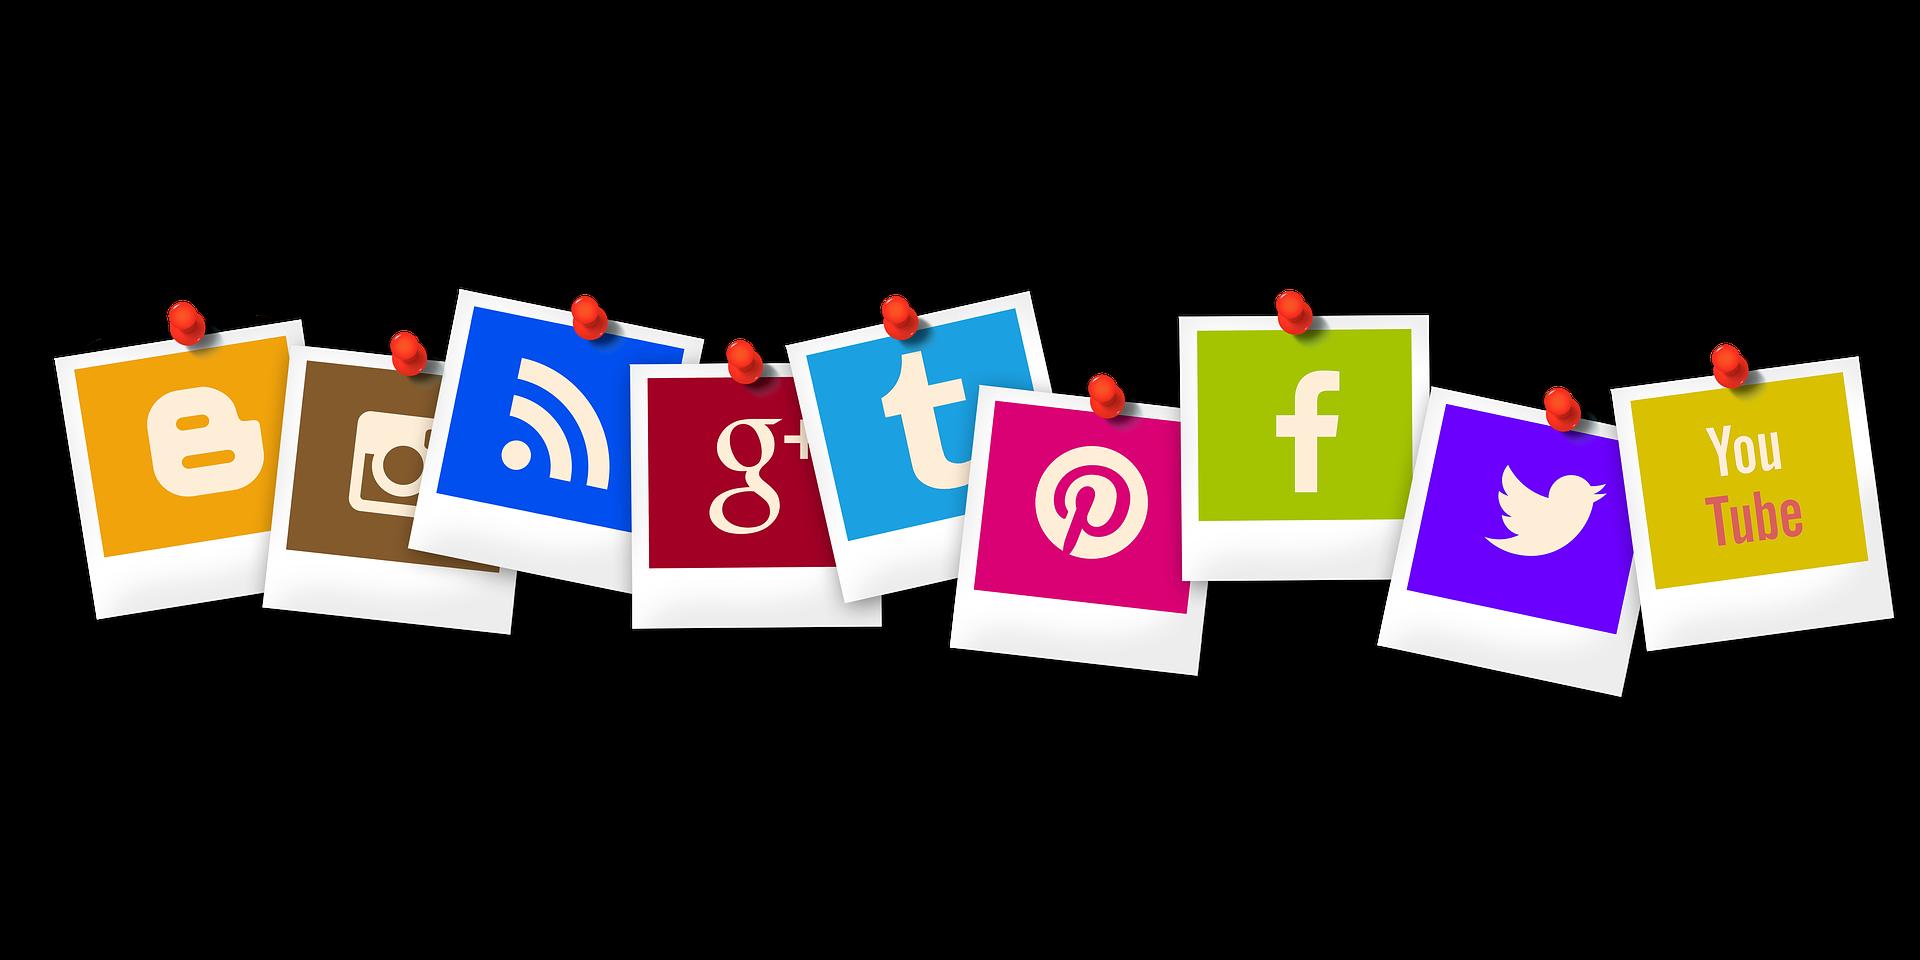 social-media-icons-social-media-marketing-trends-online